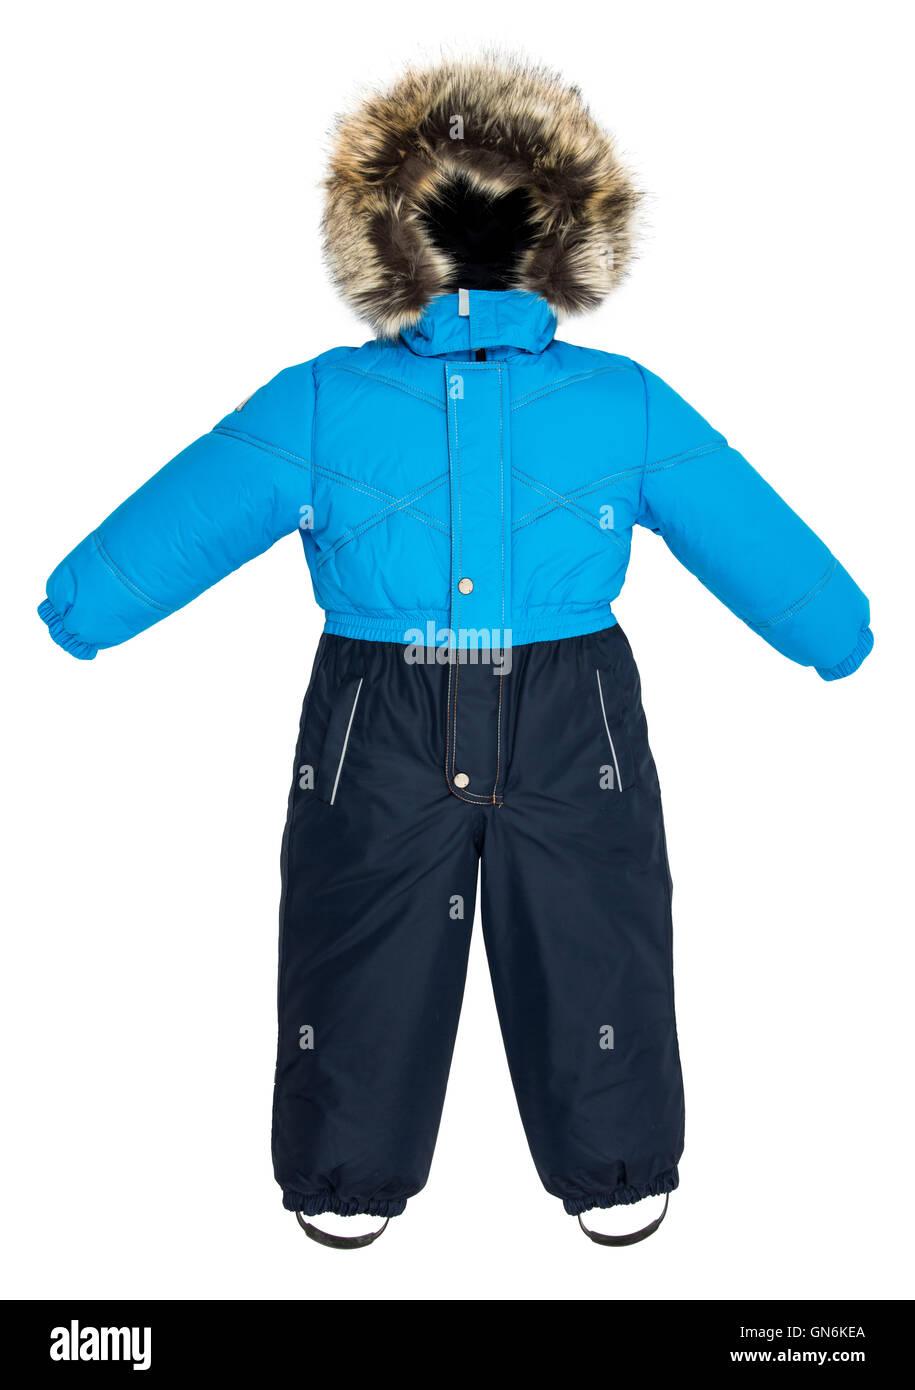 723a4db16 Boy Snowsuit Red Snowsuit Stock Photos   Boy Snowsuit Red Snowsuit ...